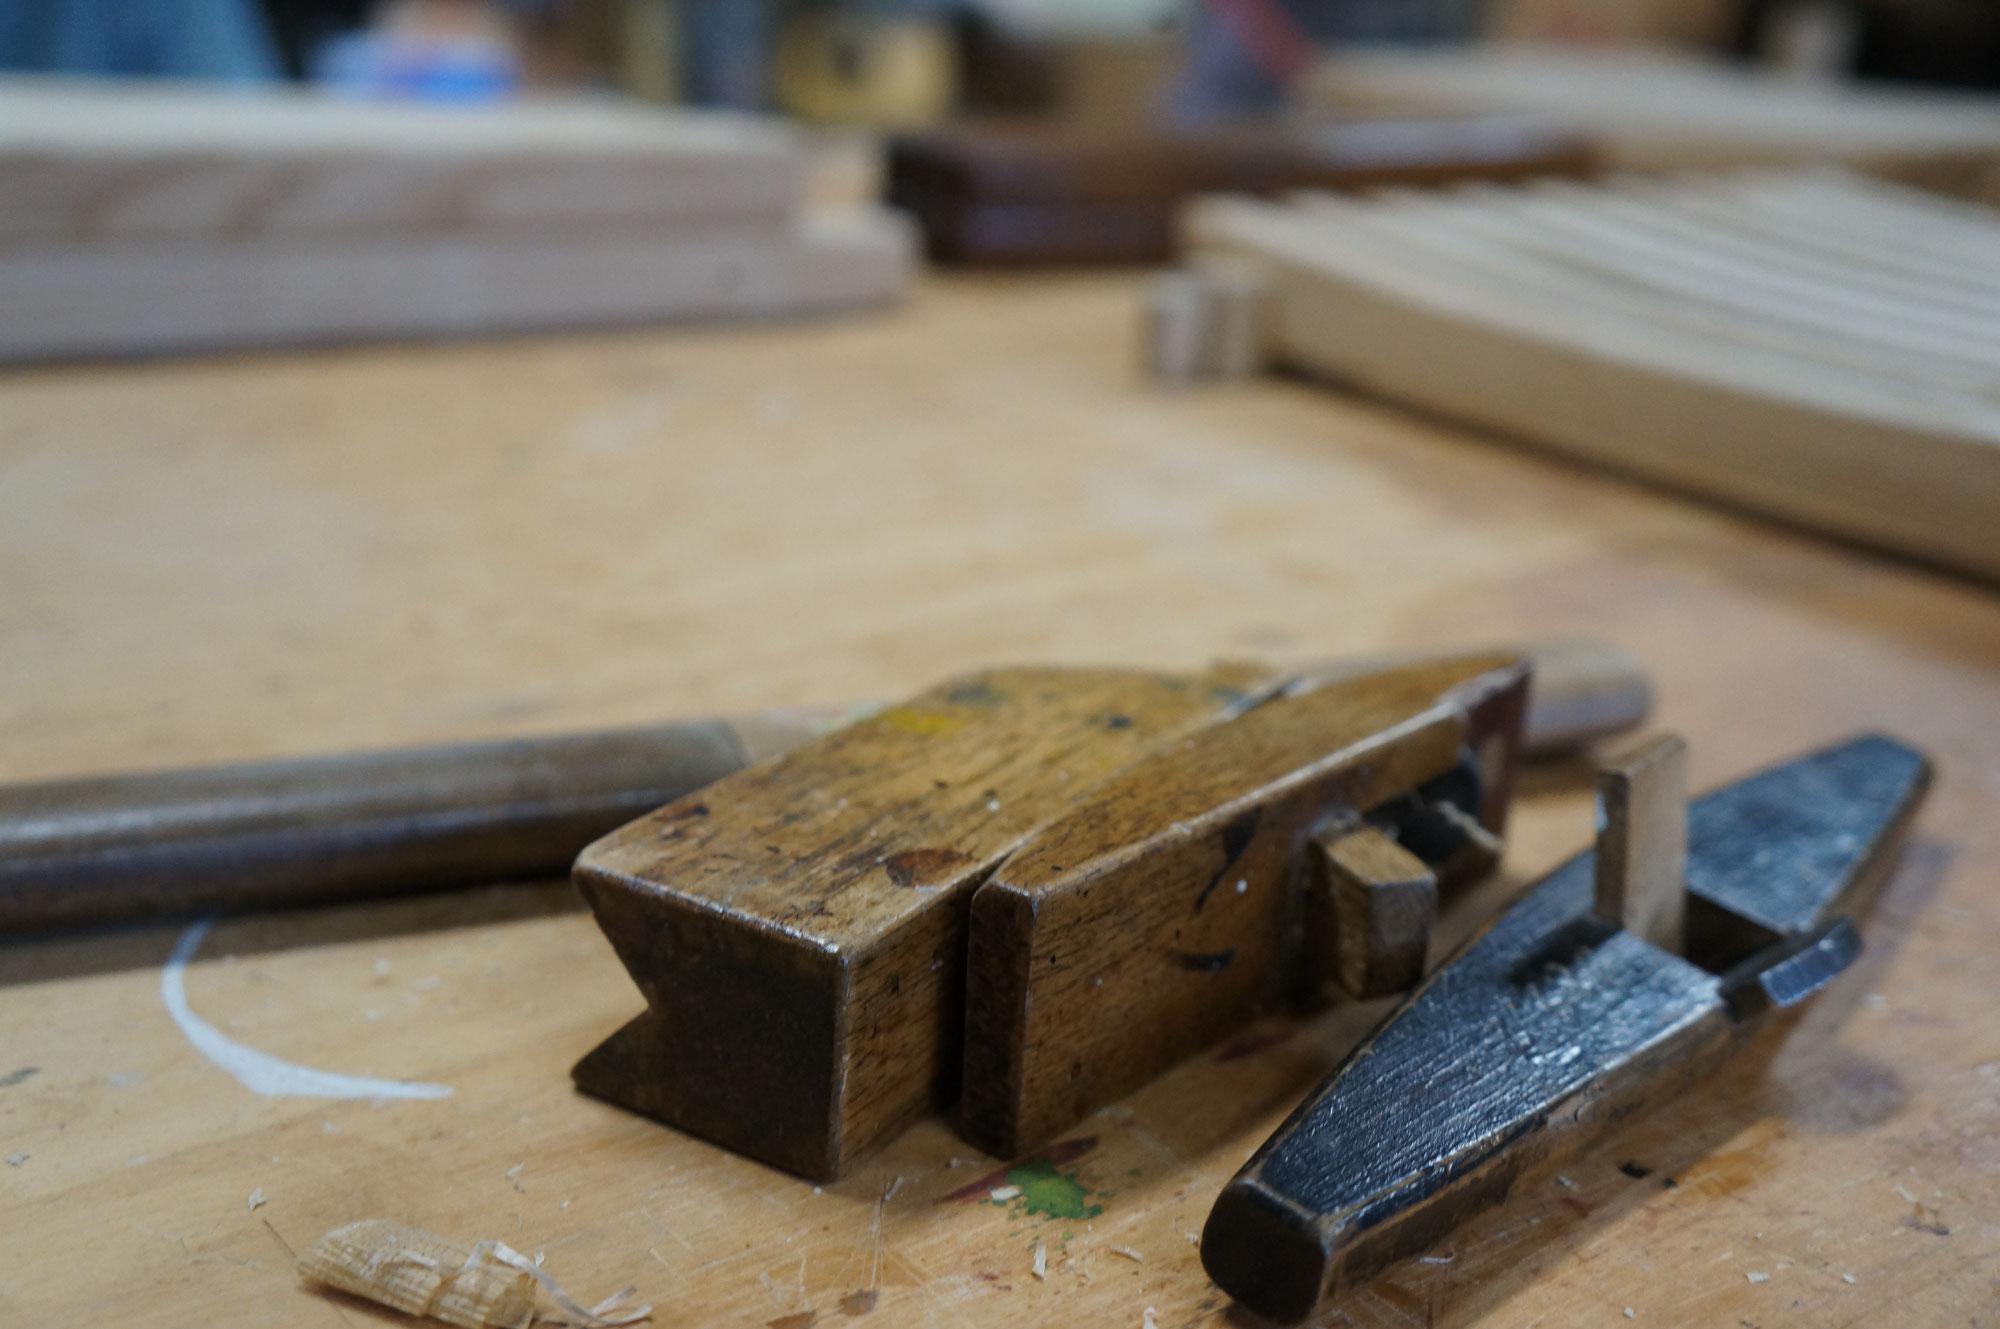 木工作品搬入の日